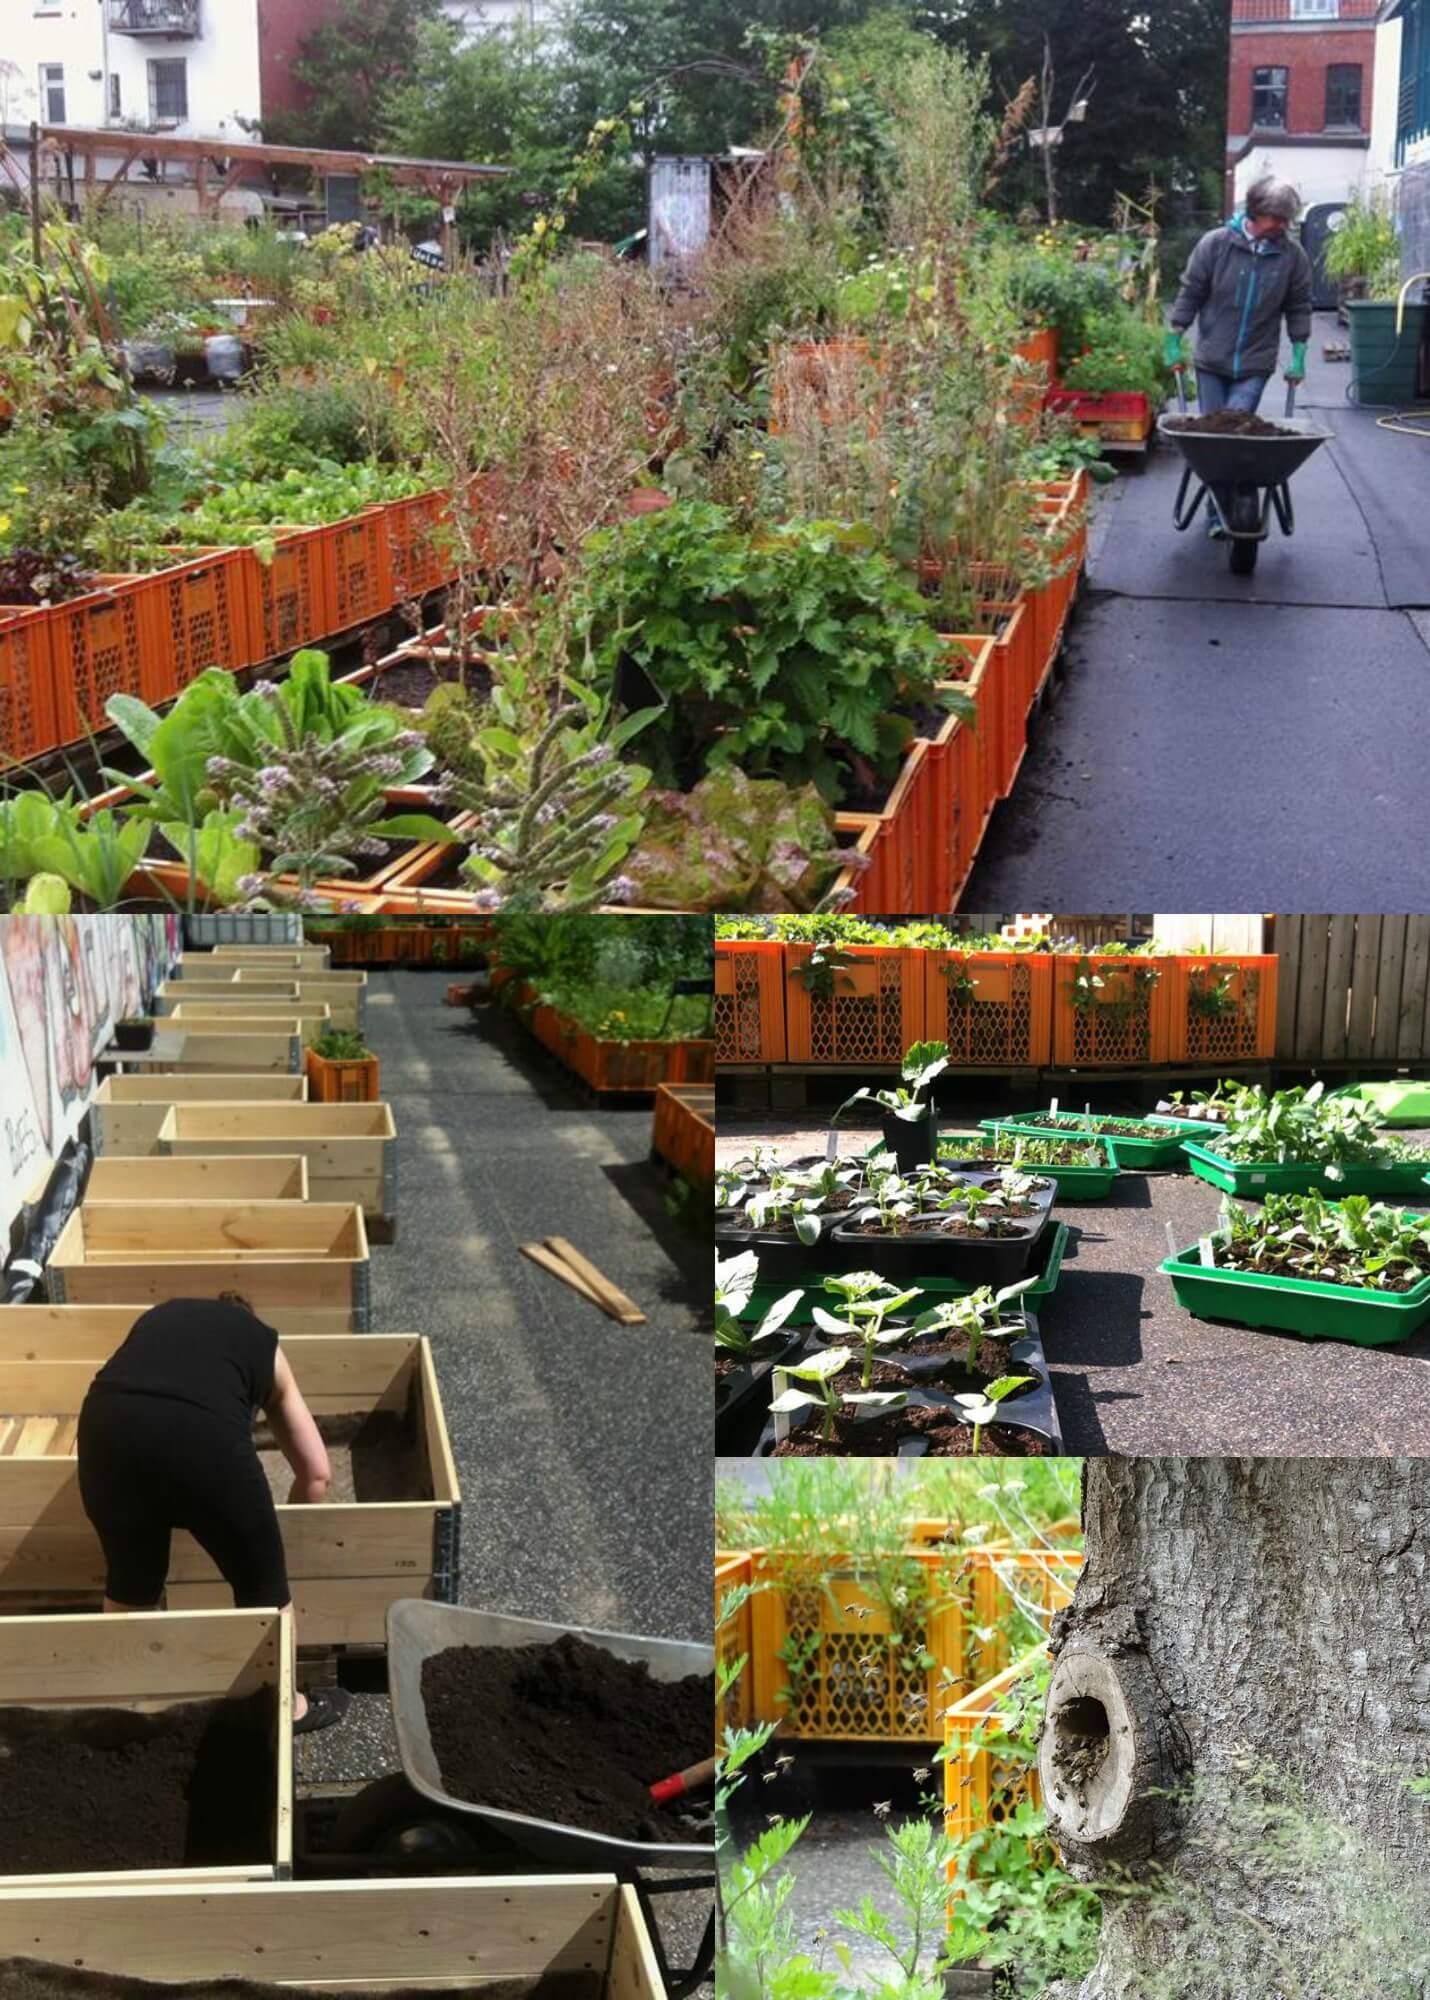 urban gardening f r jedermann auf dem gartendeck in st pauli steht dir alles zur freien. Black Bedroom Furniture Sets. Home Design Ideas